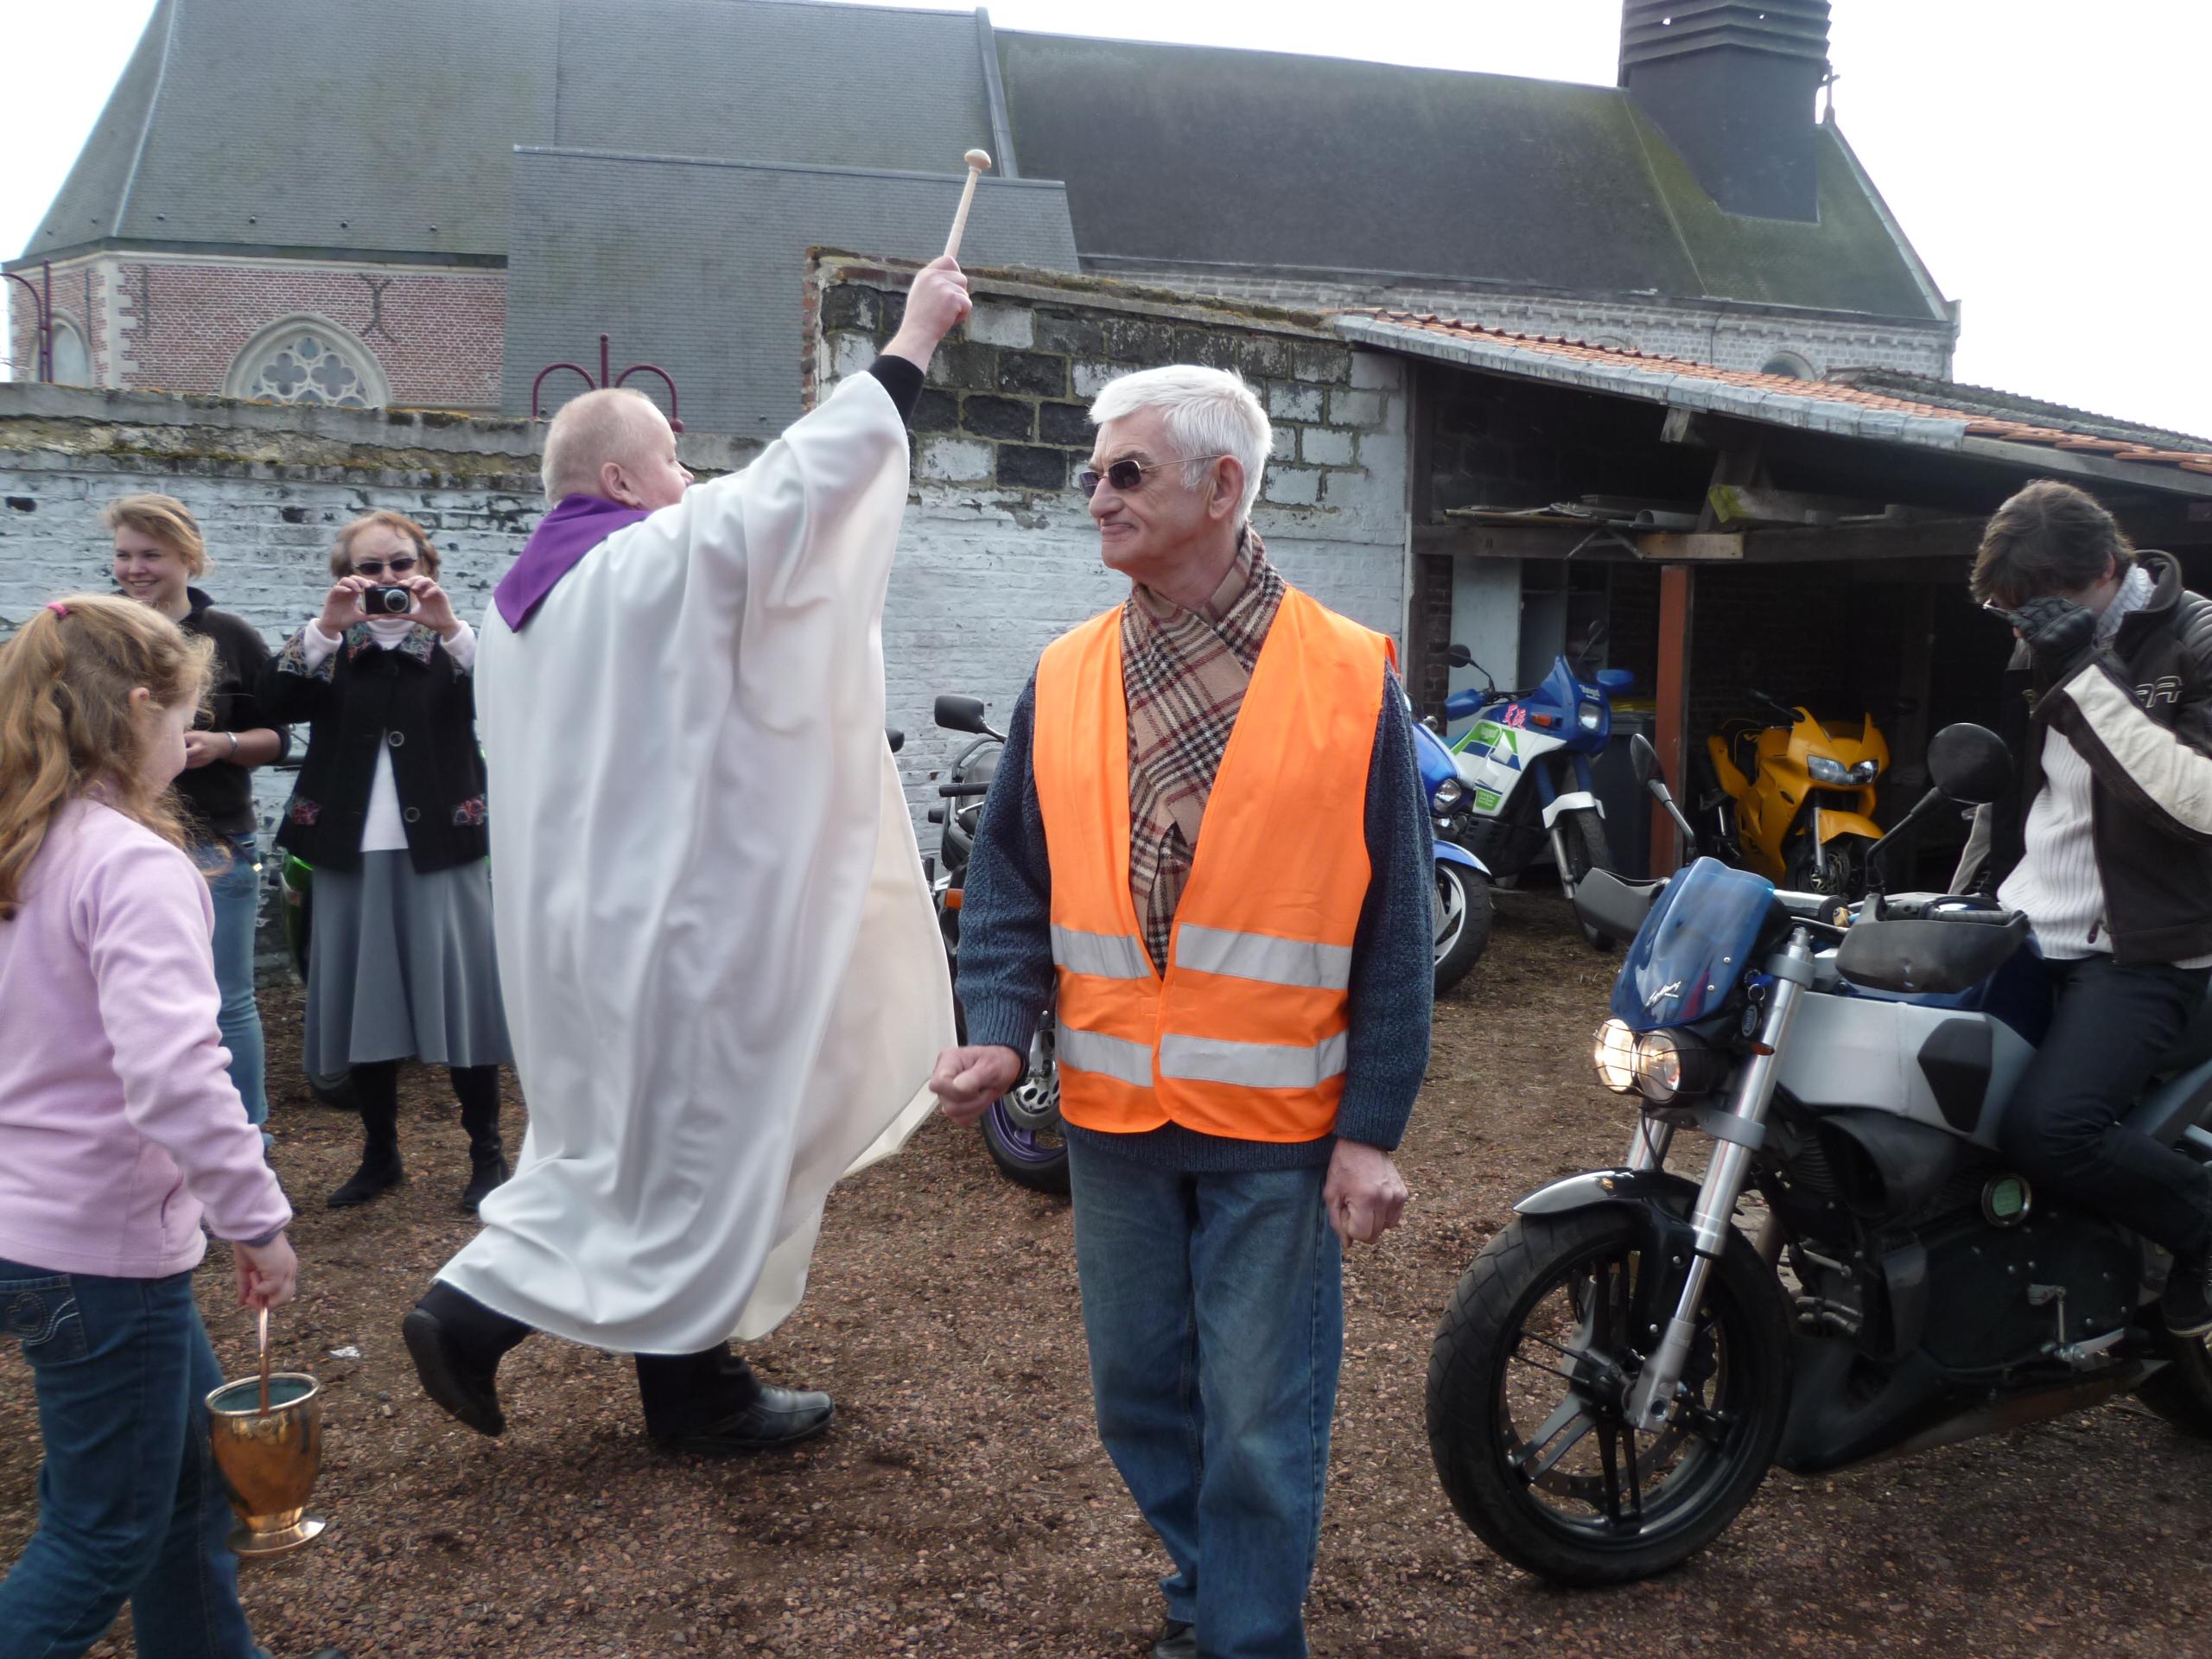 Pecquencourt salon de la moto 2012 for Salon de pecquencourt